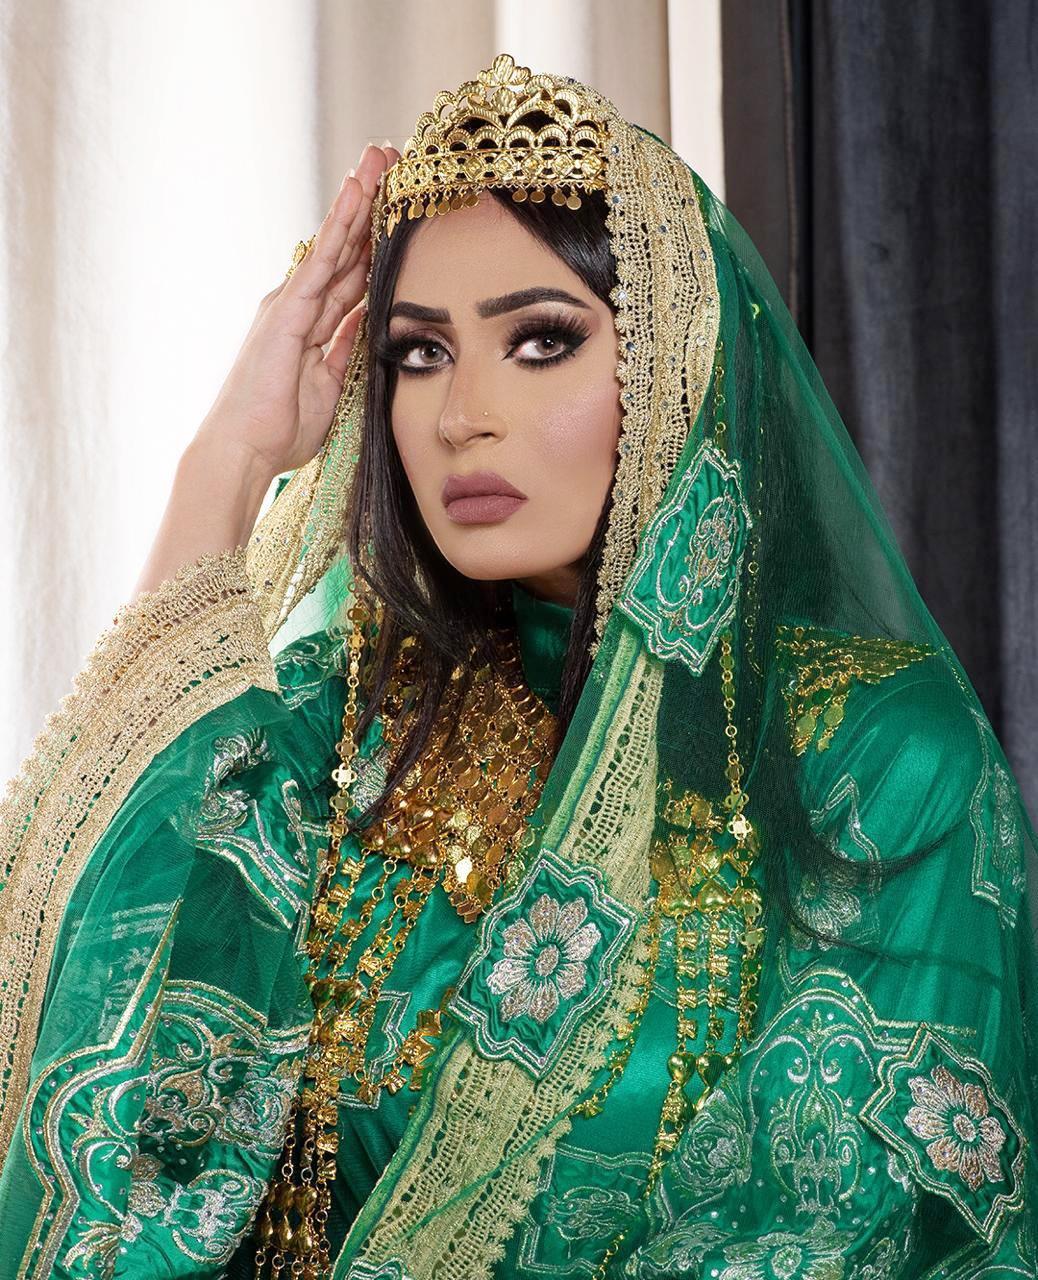 إطلالة الإعلامية السعودية شيماء الفضل في اليوم الوطني ٨٩